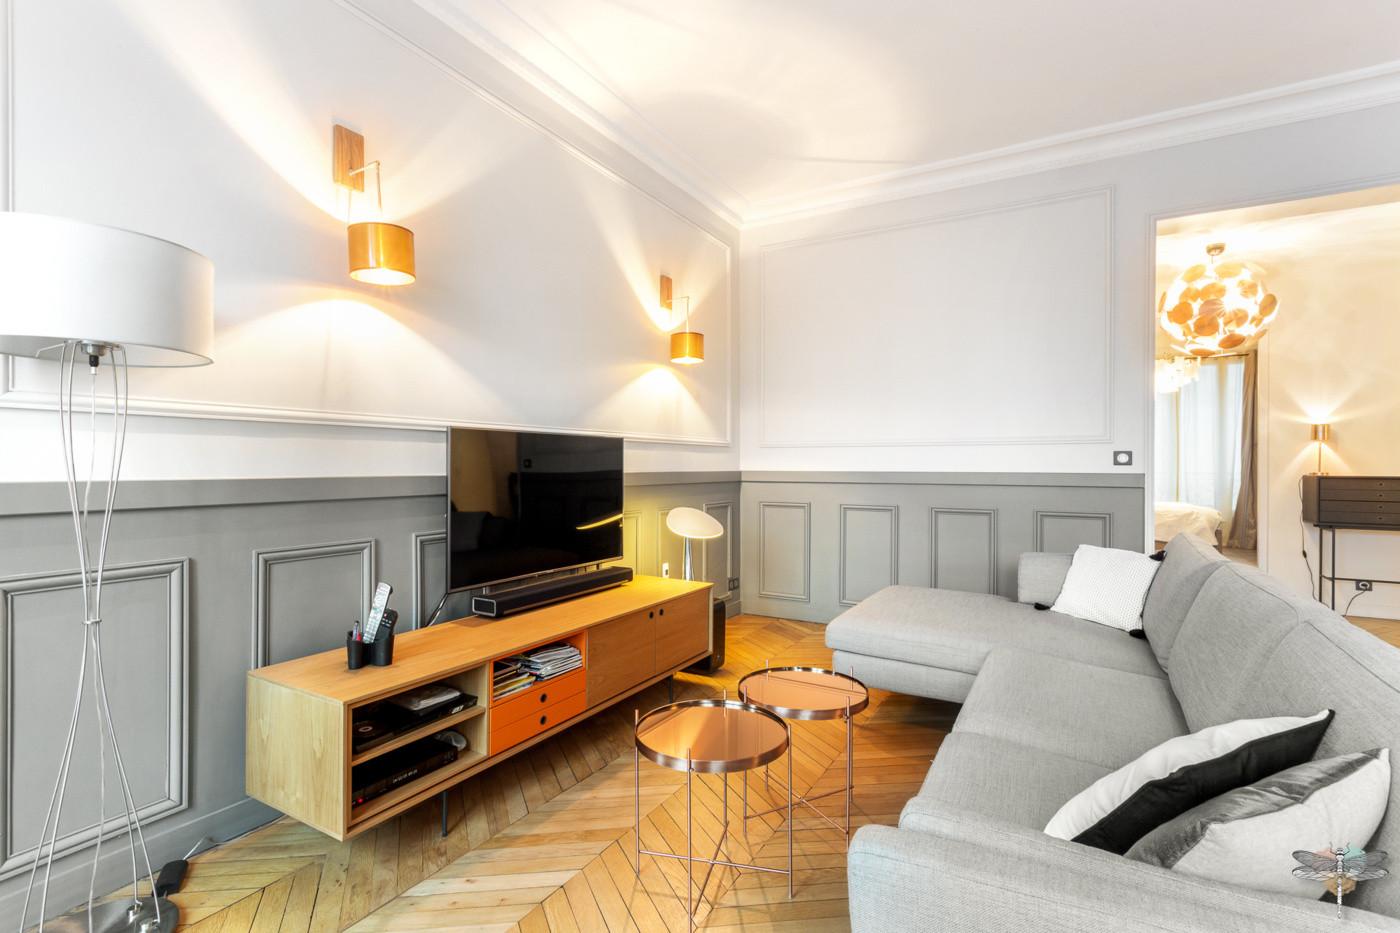 Décoration d'un double salon moderne dans un appartement Haussmannien à Paris 17 par Carnets Libellule. Coralie Vasseur est votre Décoratrice d'intérieur UFDI à Compiegne : espace télévision avec grand canapé d'angle et meuble tv bas sur pieds